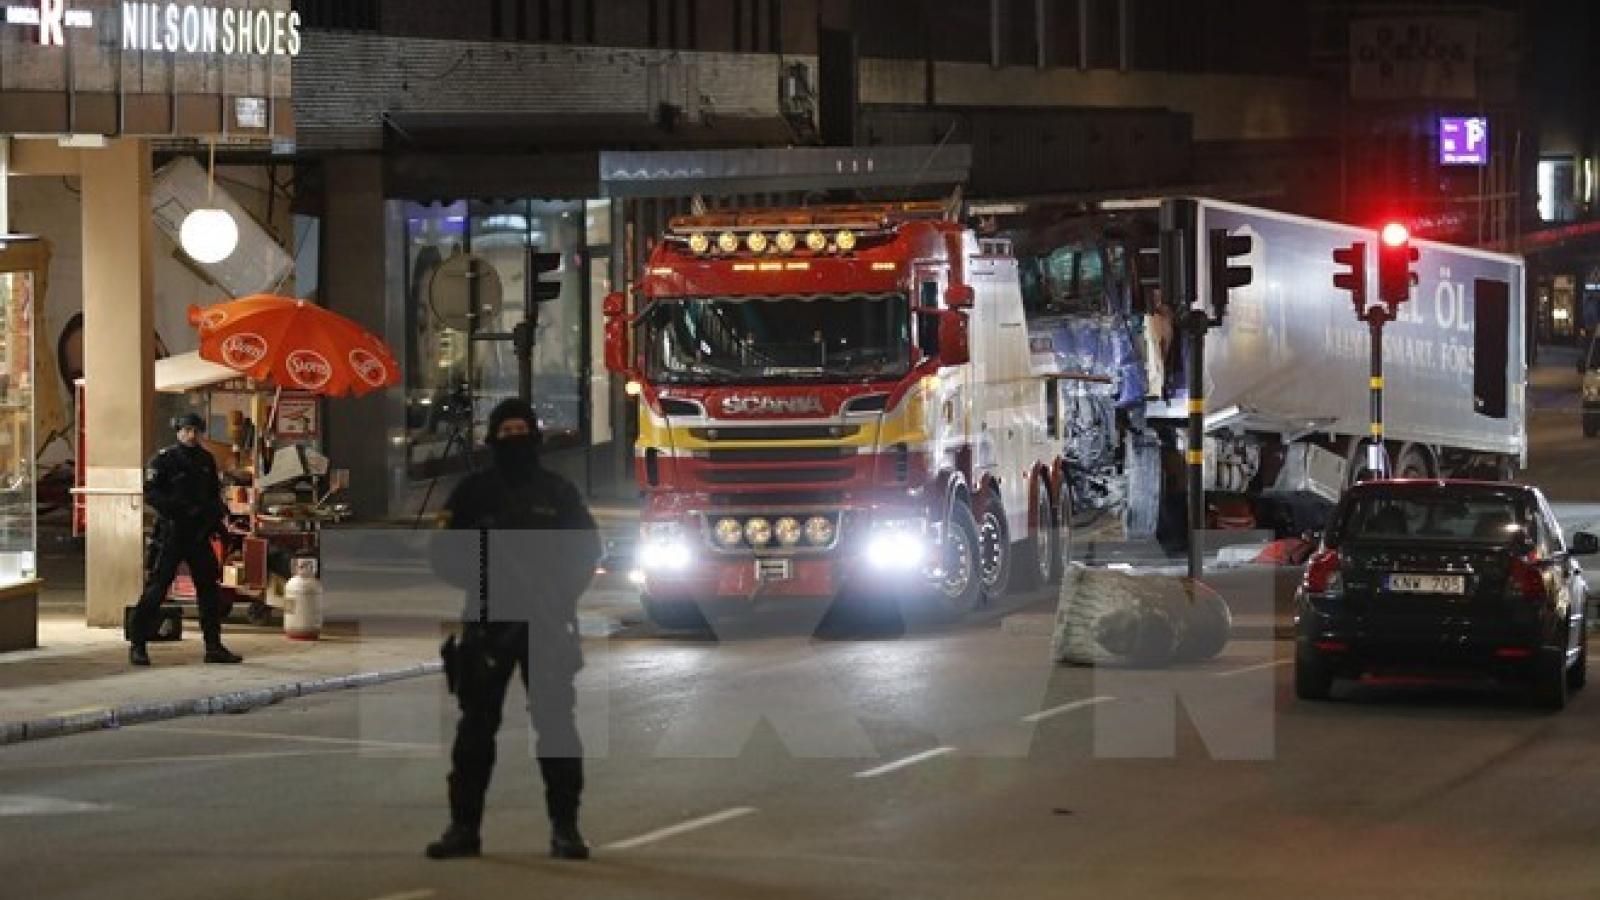 PM sends condolences to Sweden over truck attack